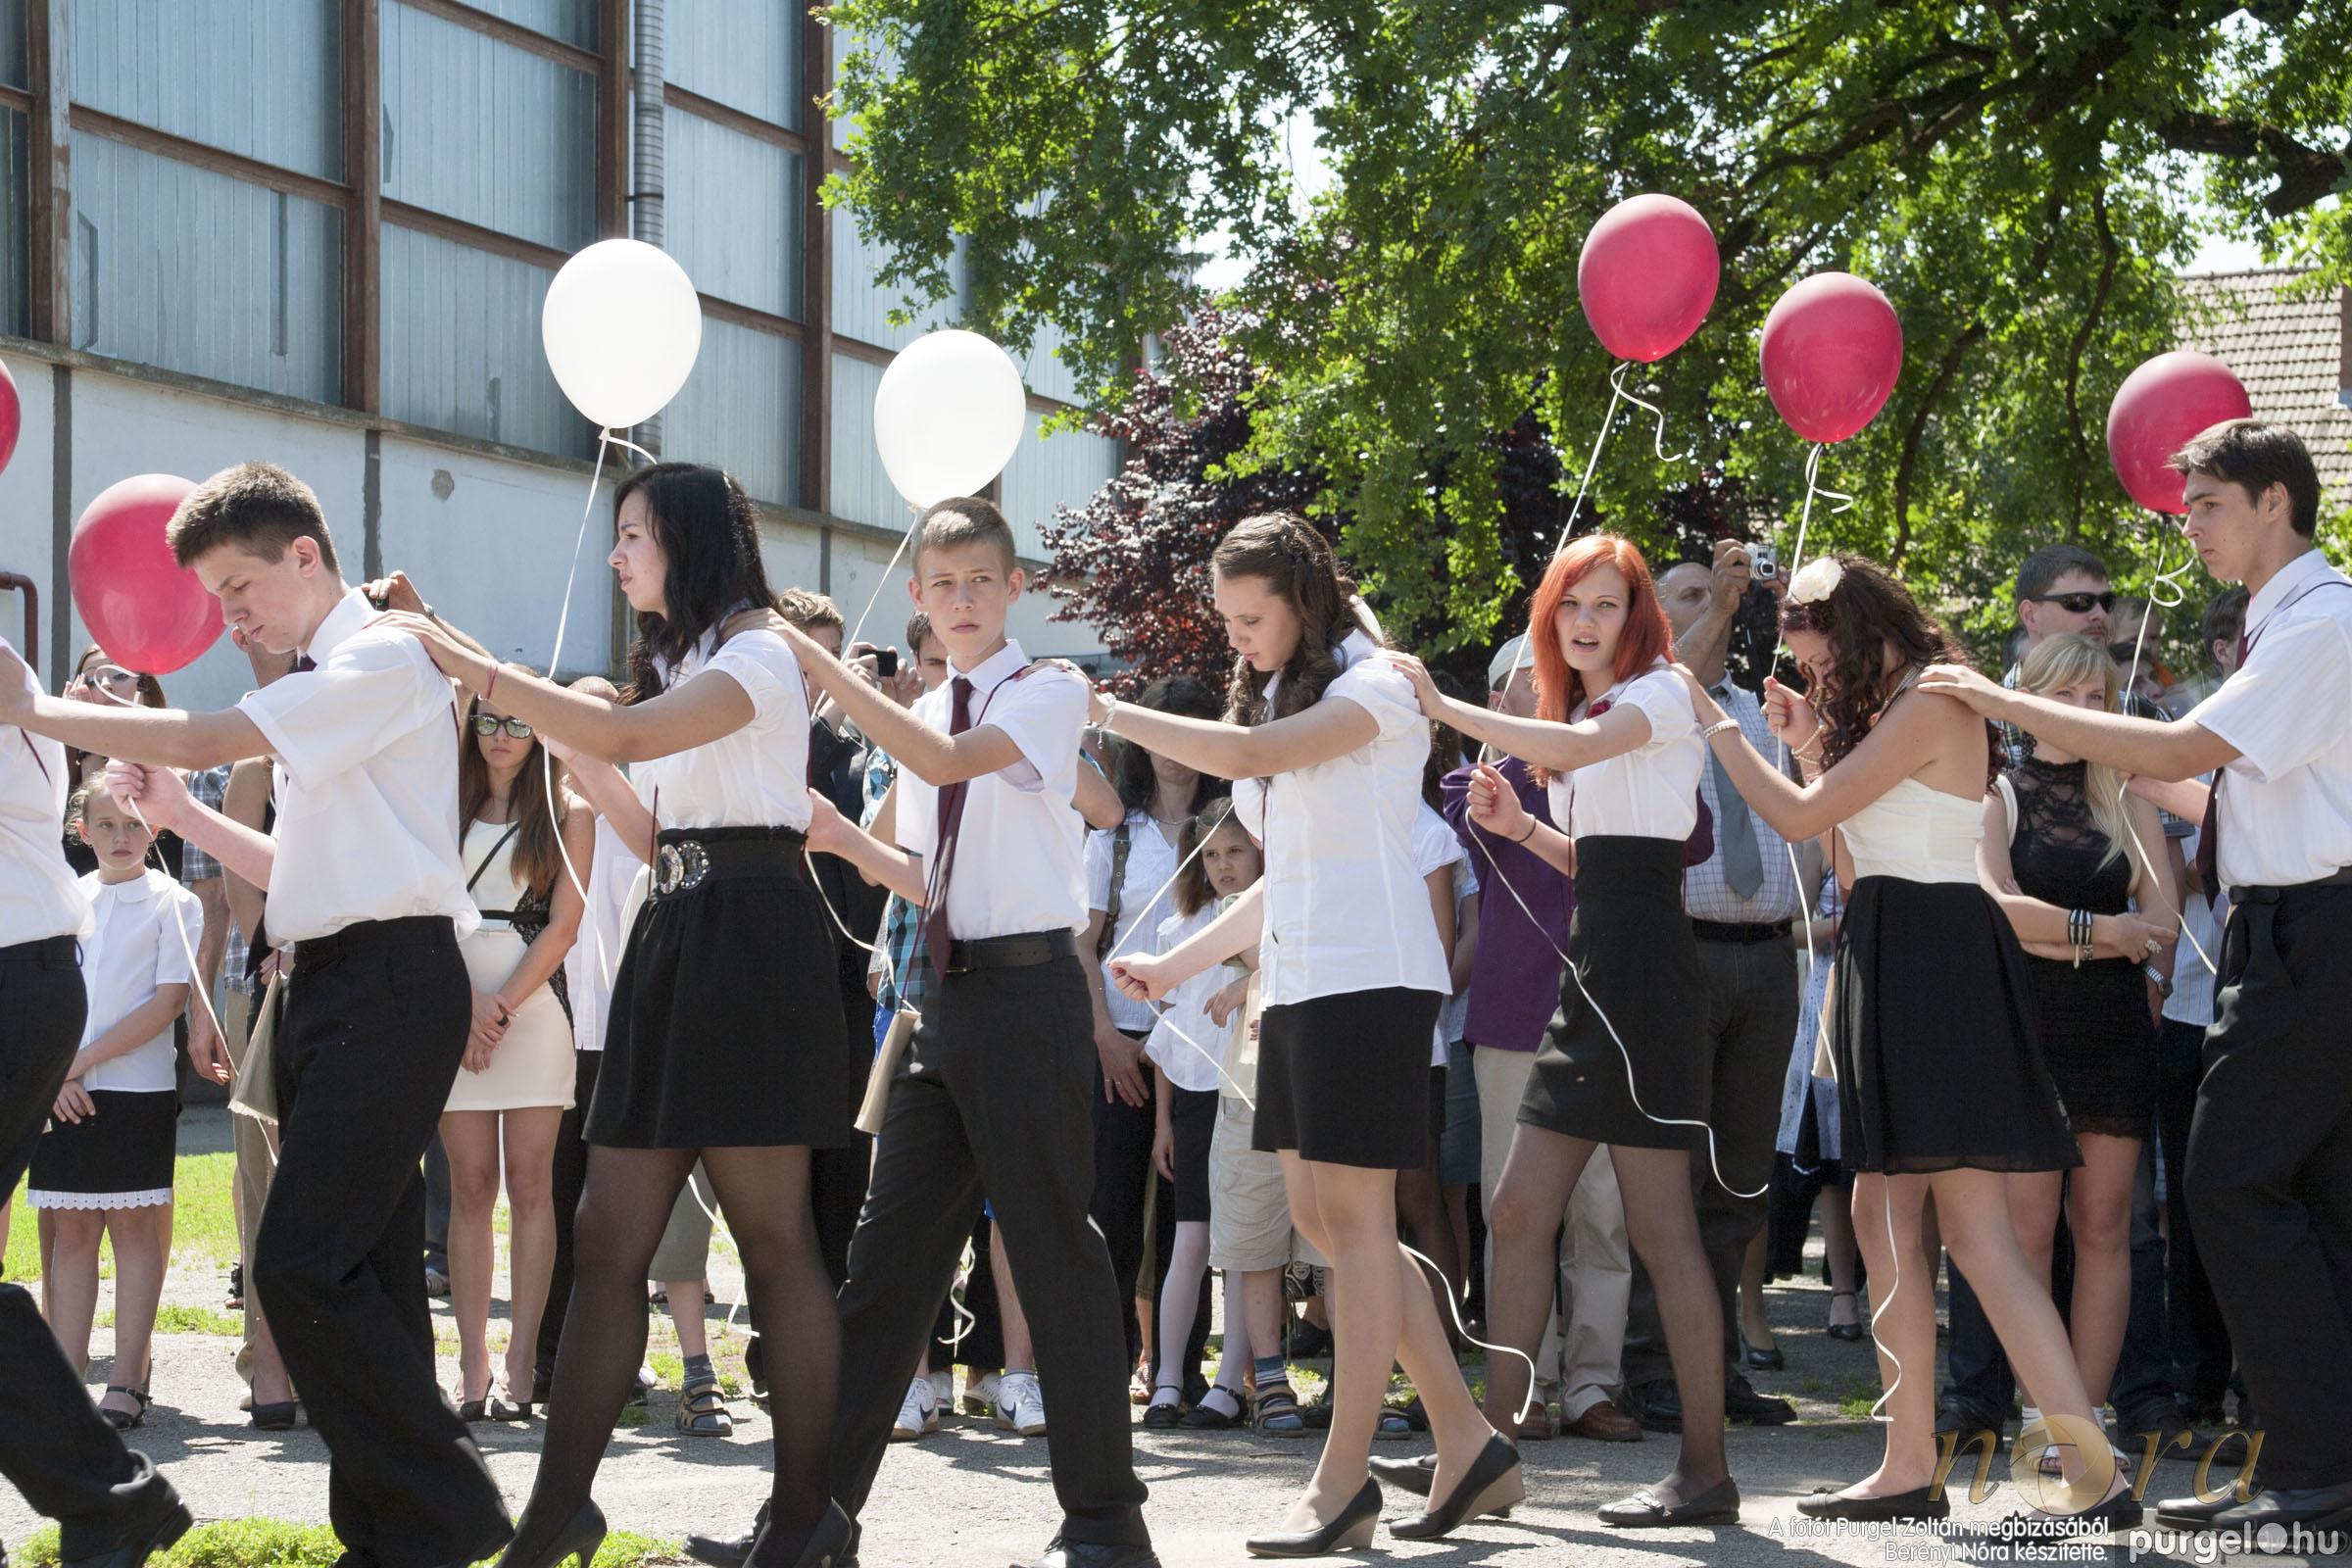 2013.06.15. 328 Forray Máté Általános Iskola ballagás 2013. - Fotó:BERÉNYI NÓRA© _MG_1427.JPG